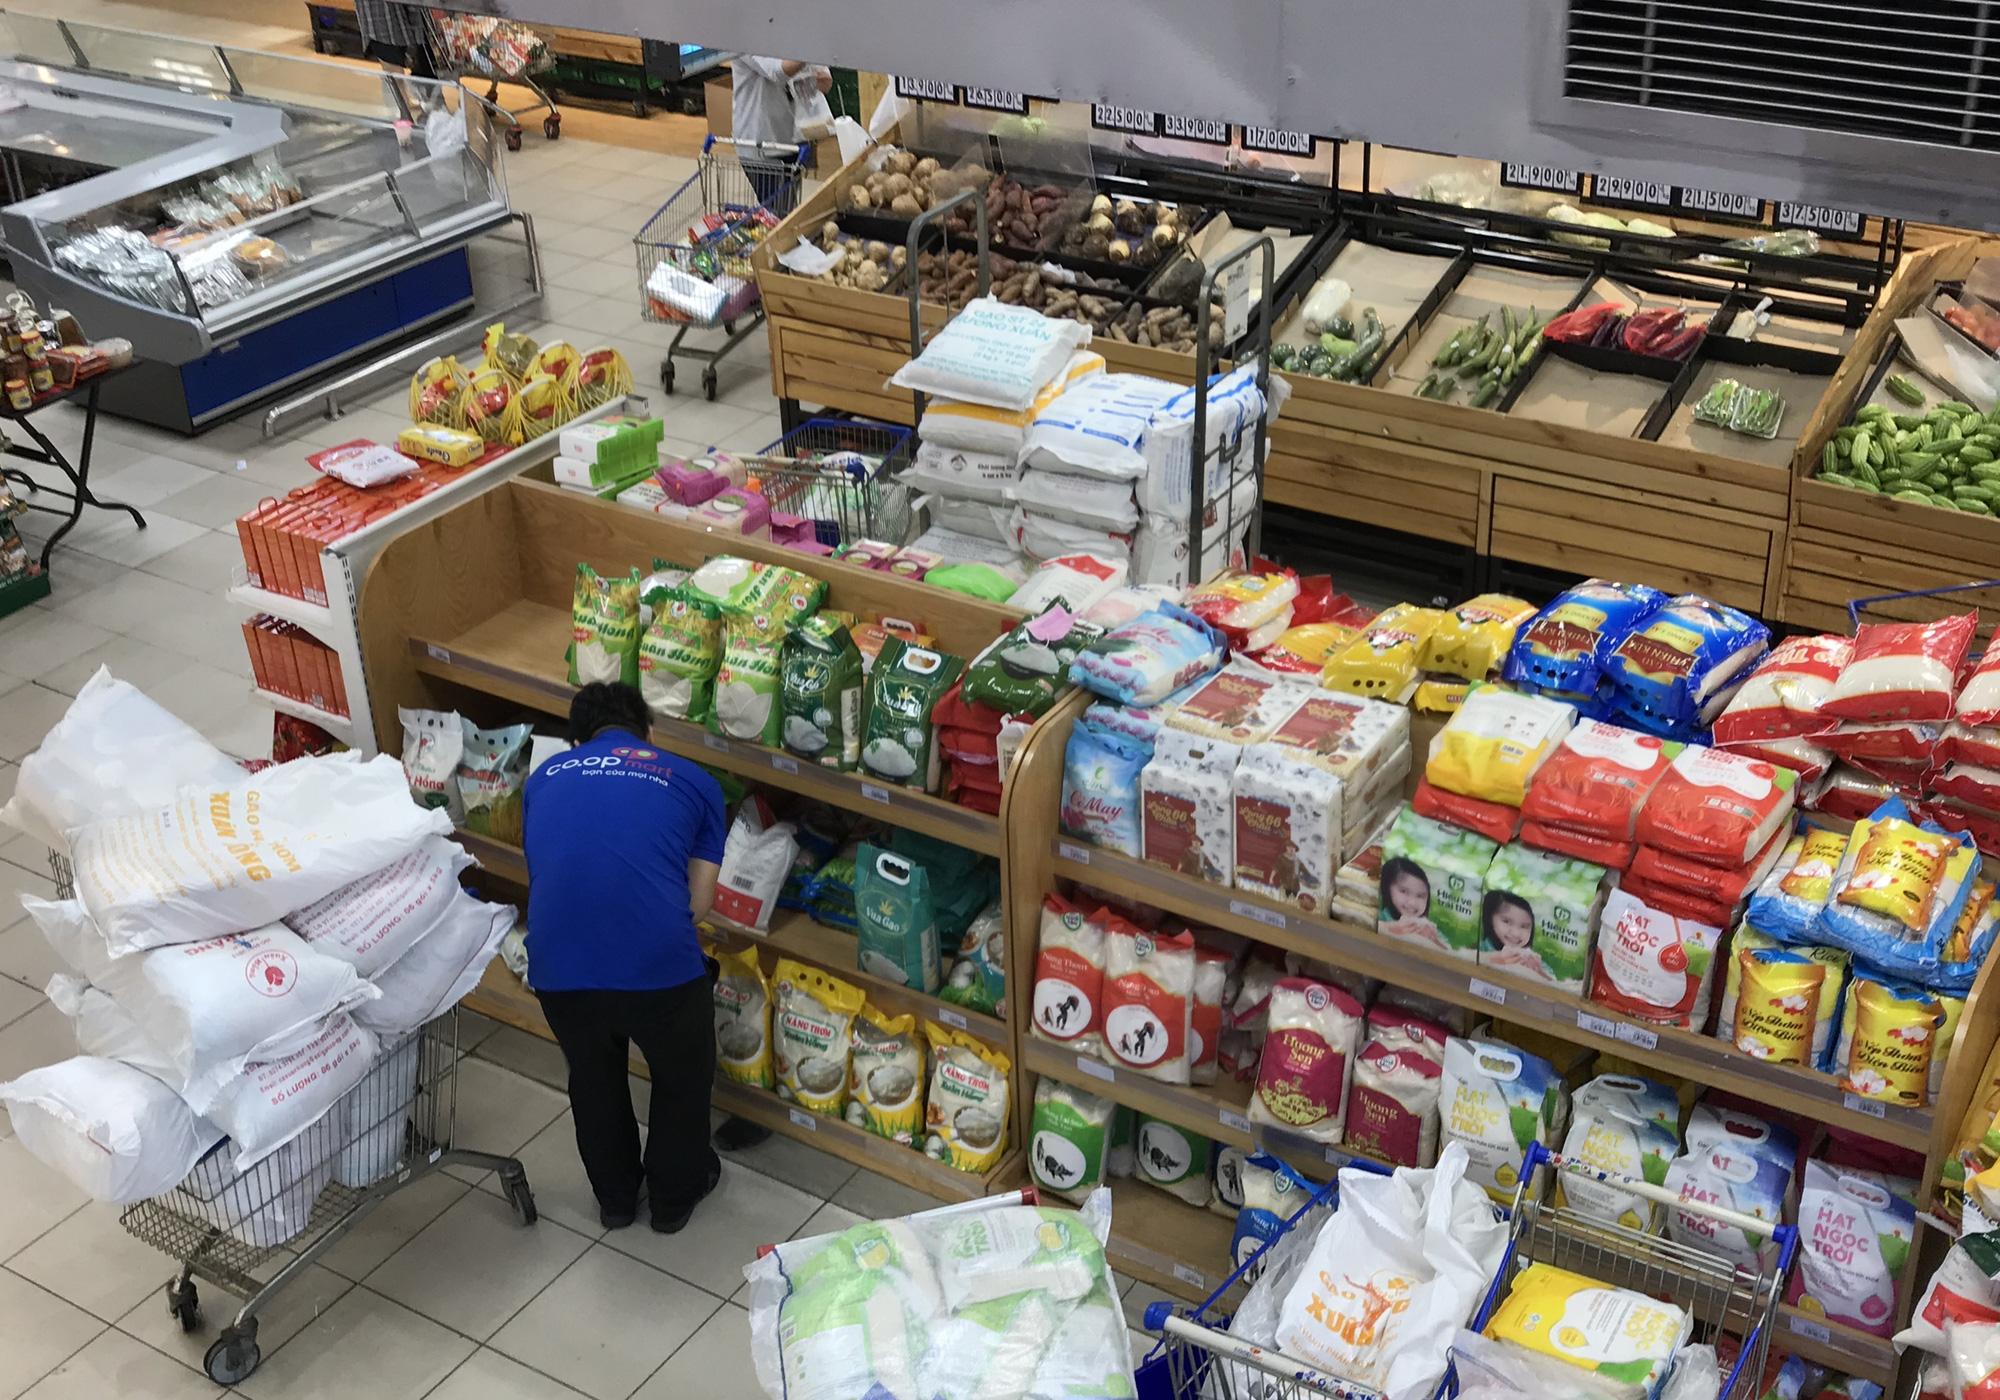 Siêu thị cam kết không thiếu hàng hóa, thực phẩm, đang chuyển thêm về Hà Nội trong hôm nay - Ảnh 2.